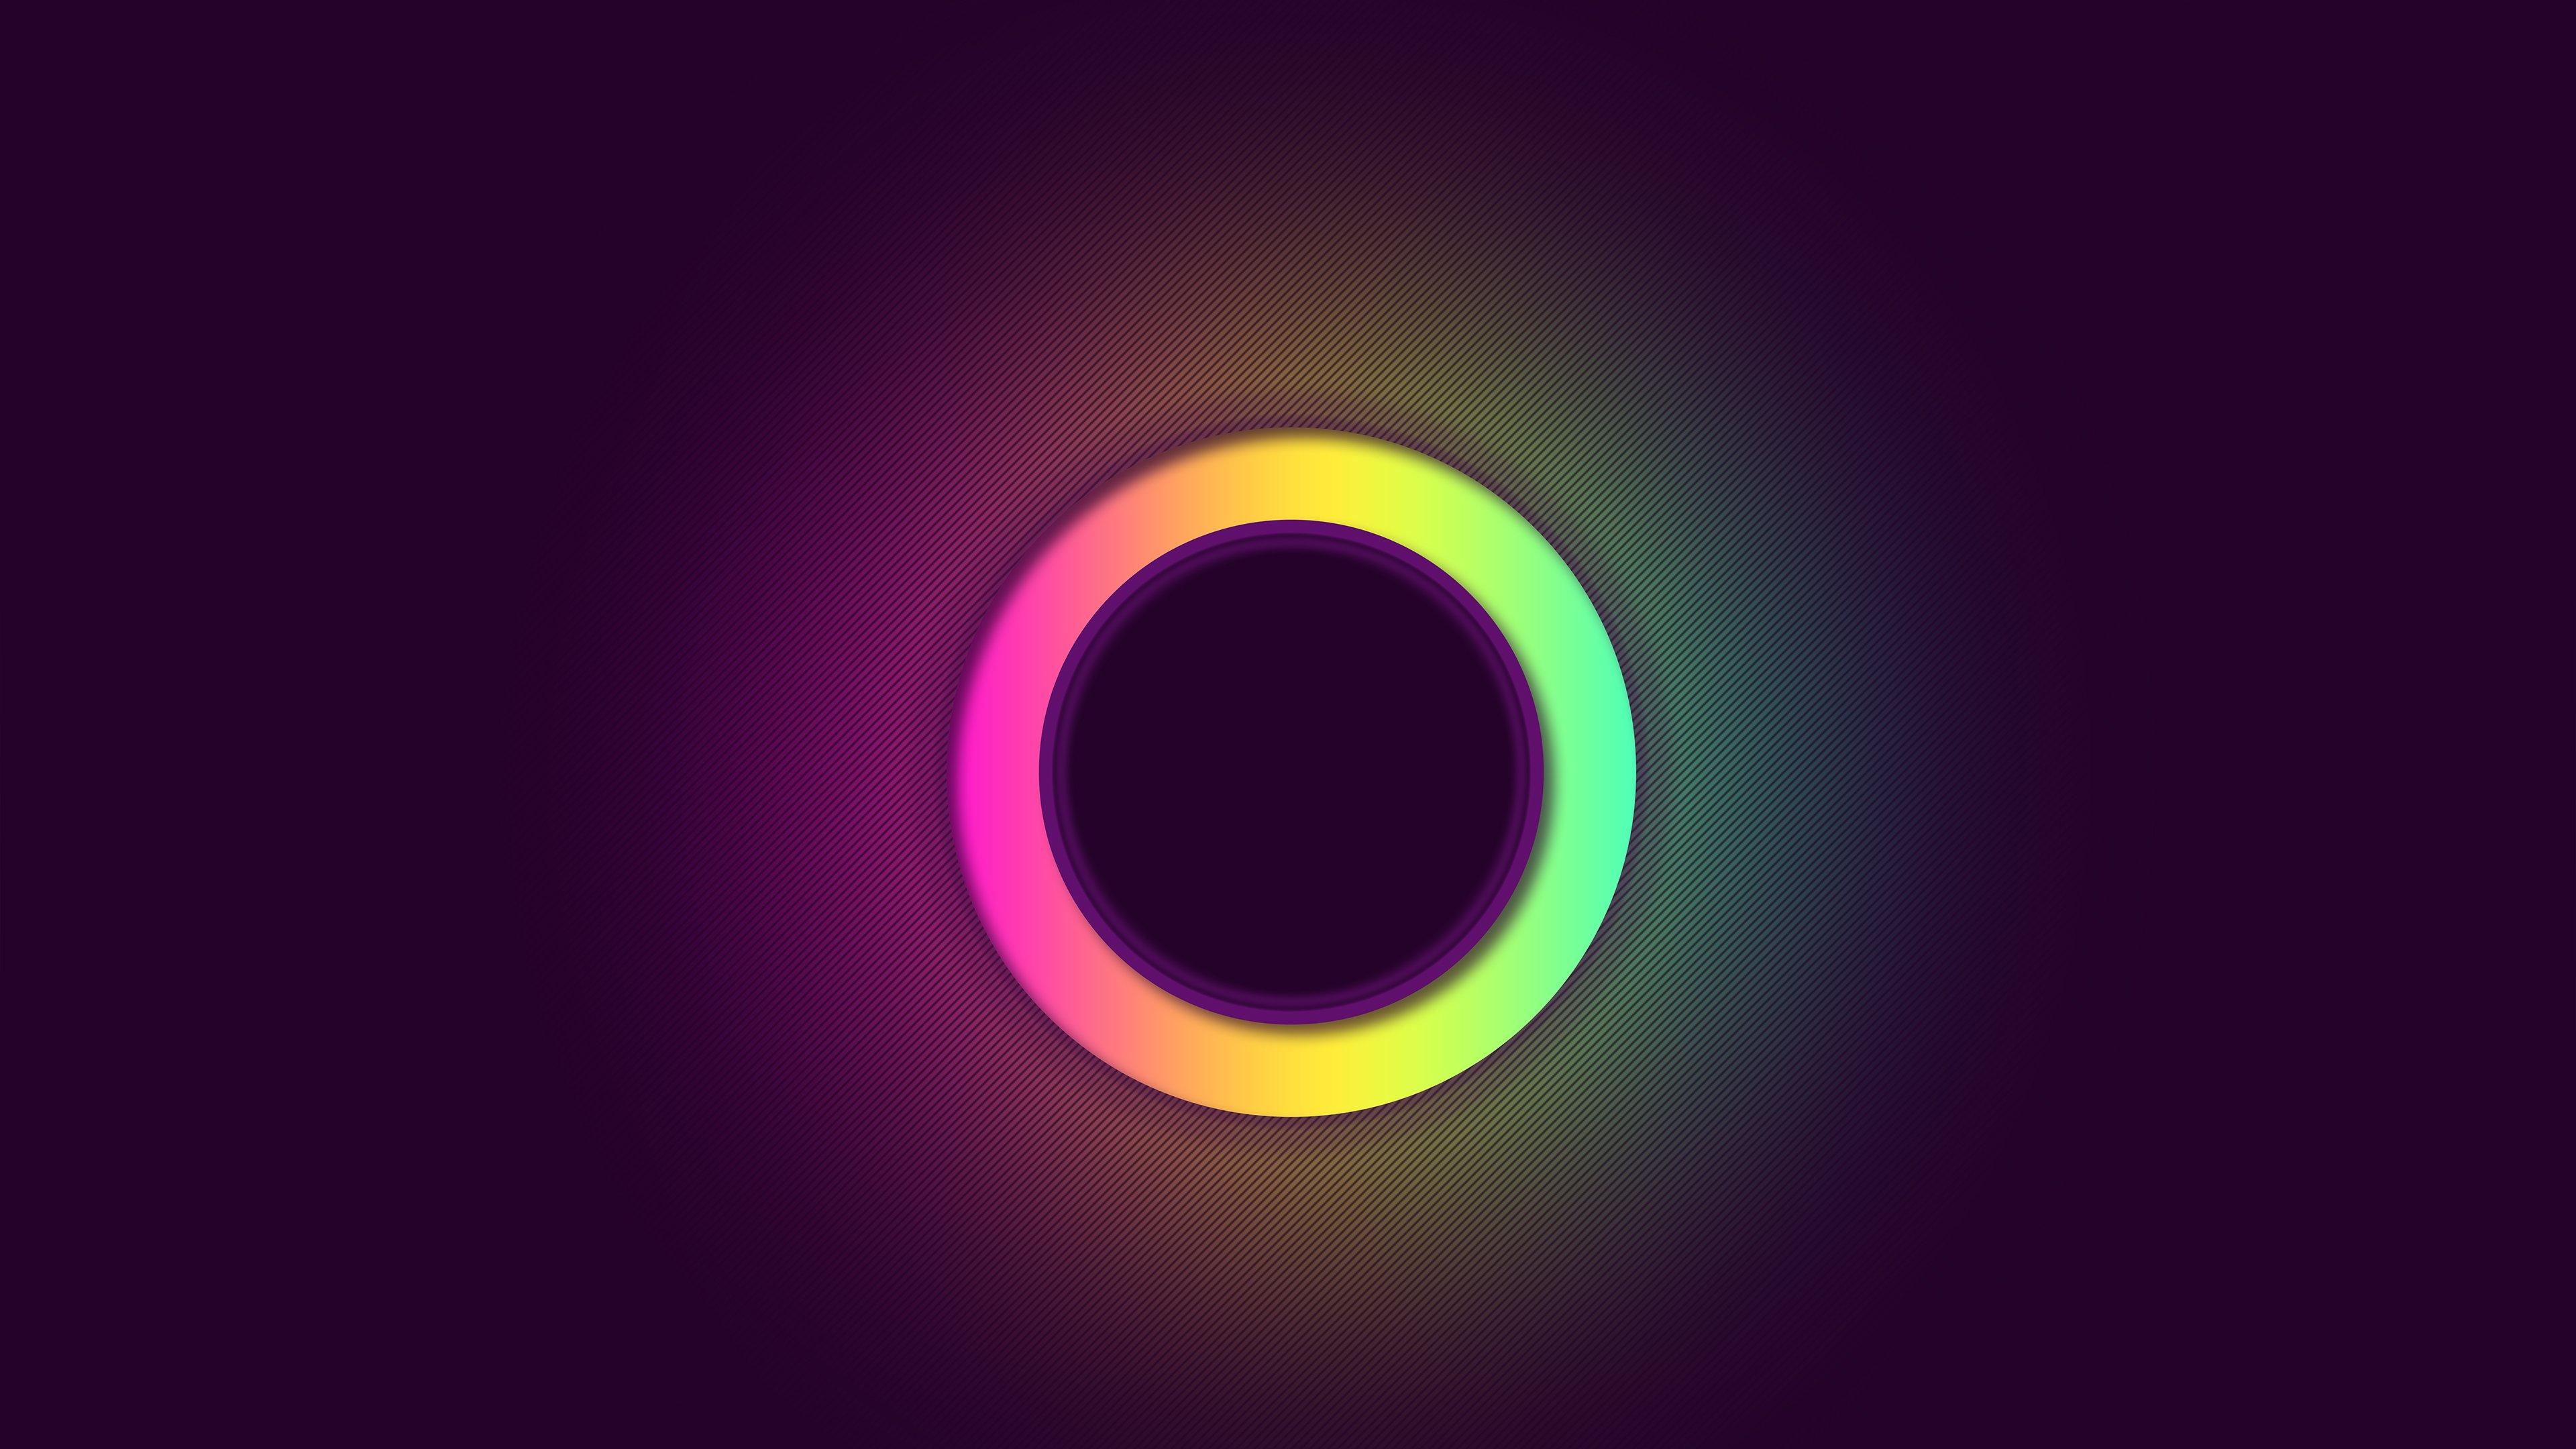 Fondos de pantalla Anillo de colores